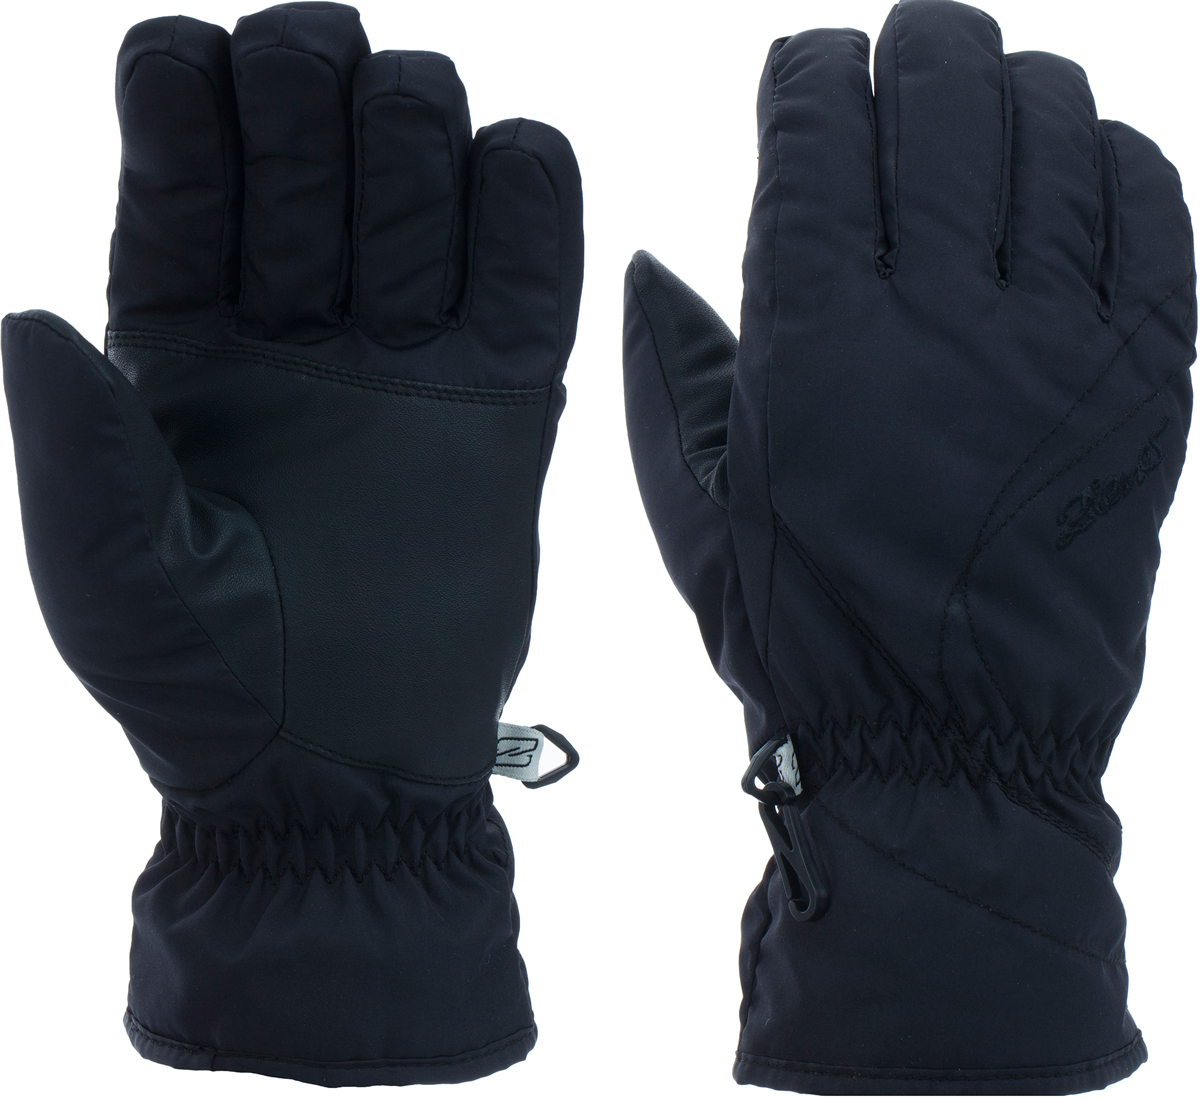 Перчатки женские Ziener Kata Lady, цвет: черный. 150062-12. Размер 6150062-12Горнолыжные перчатки классической формы. Стандартный крой, эргономичная манжета, средней толщины утеплитель, в совокупности, обеспечивают комфортные условия в использовании изделия. Технология обеспечивает максимальный комфорт и свободу движения.